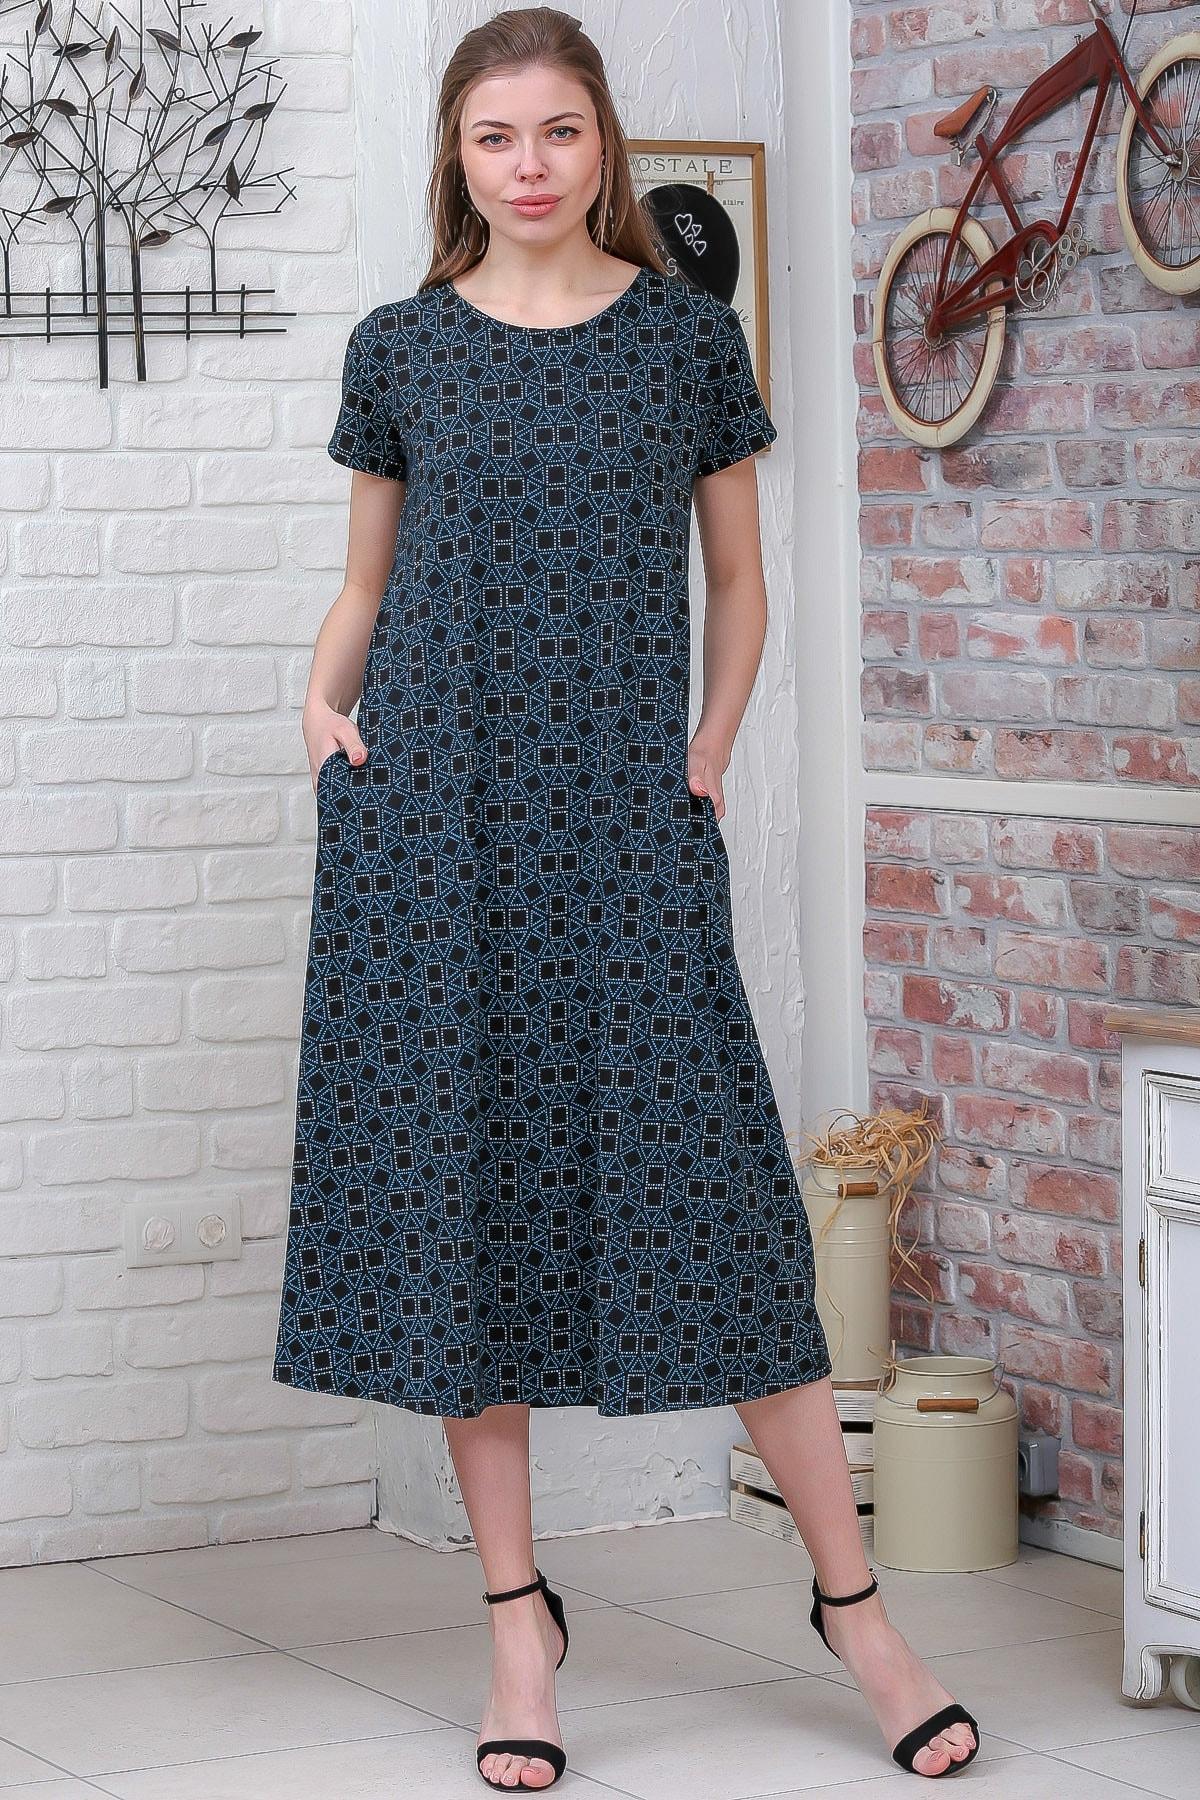 Chiccy Kadın Yeşil Sıfır Yaka Geometrik Desenli Gizli Cepli Salaş Elbise M10160000EL95550